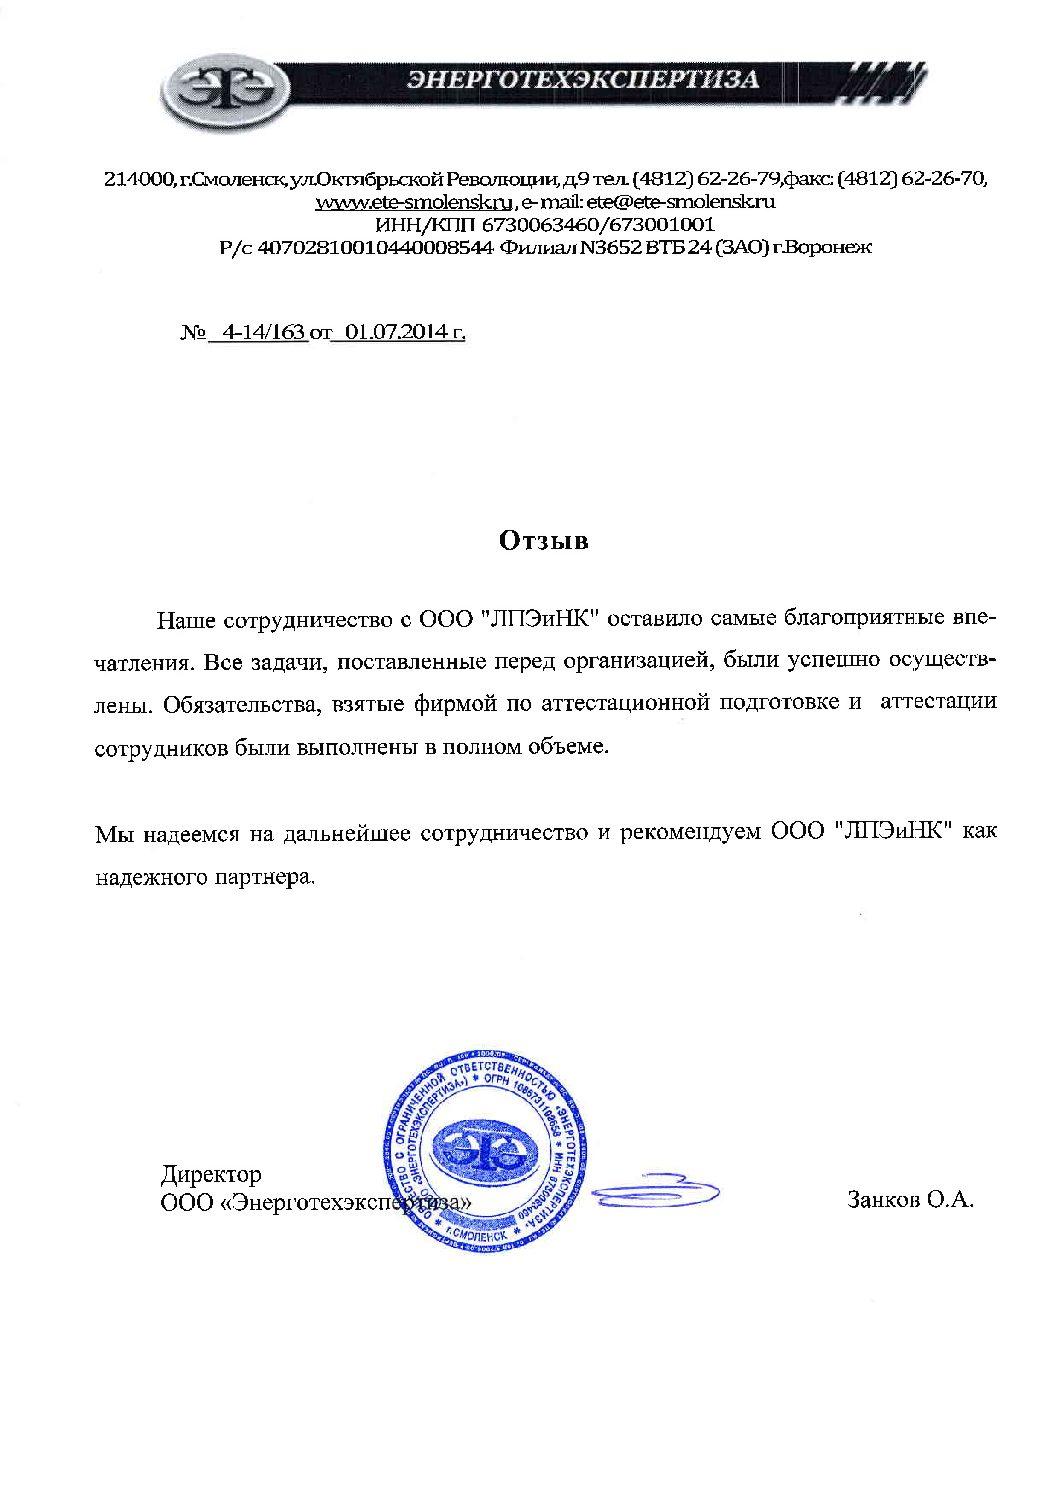 ЭНЕРГОТЕХЭКСПЕРТИЗА, СМОЛЕНСК